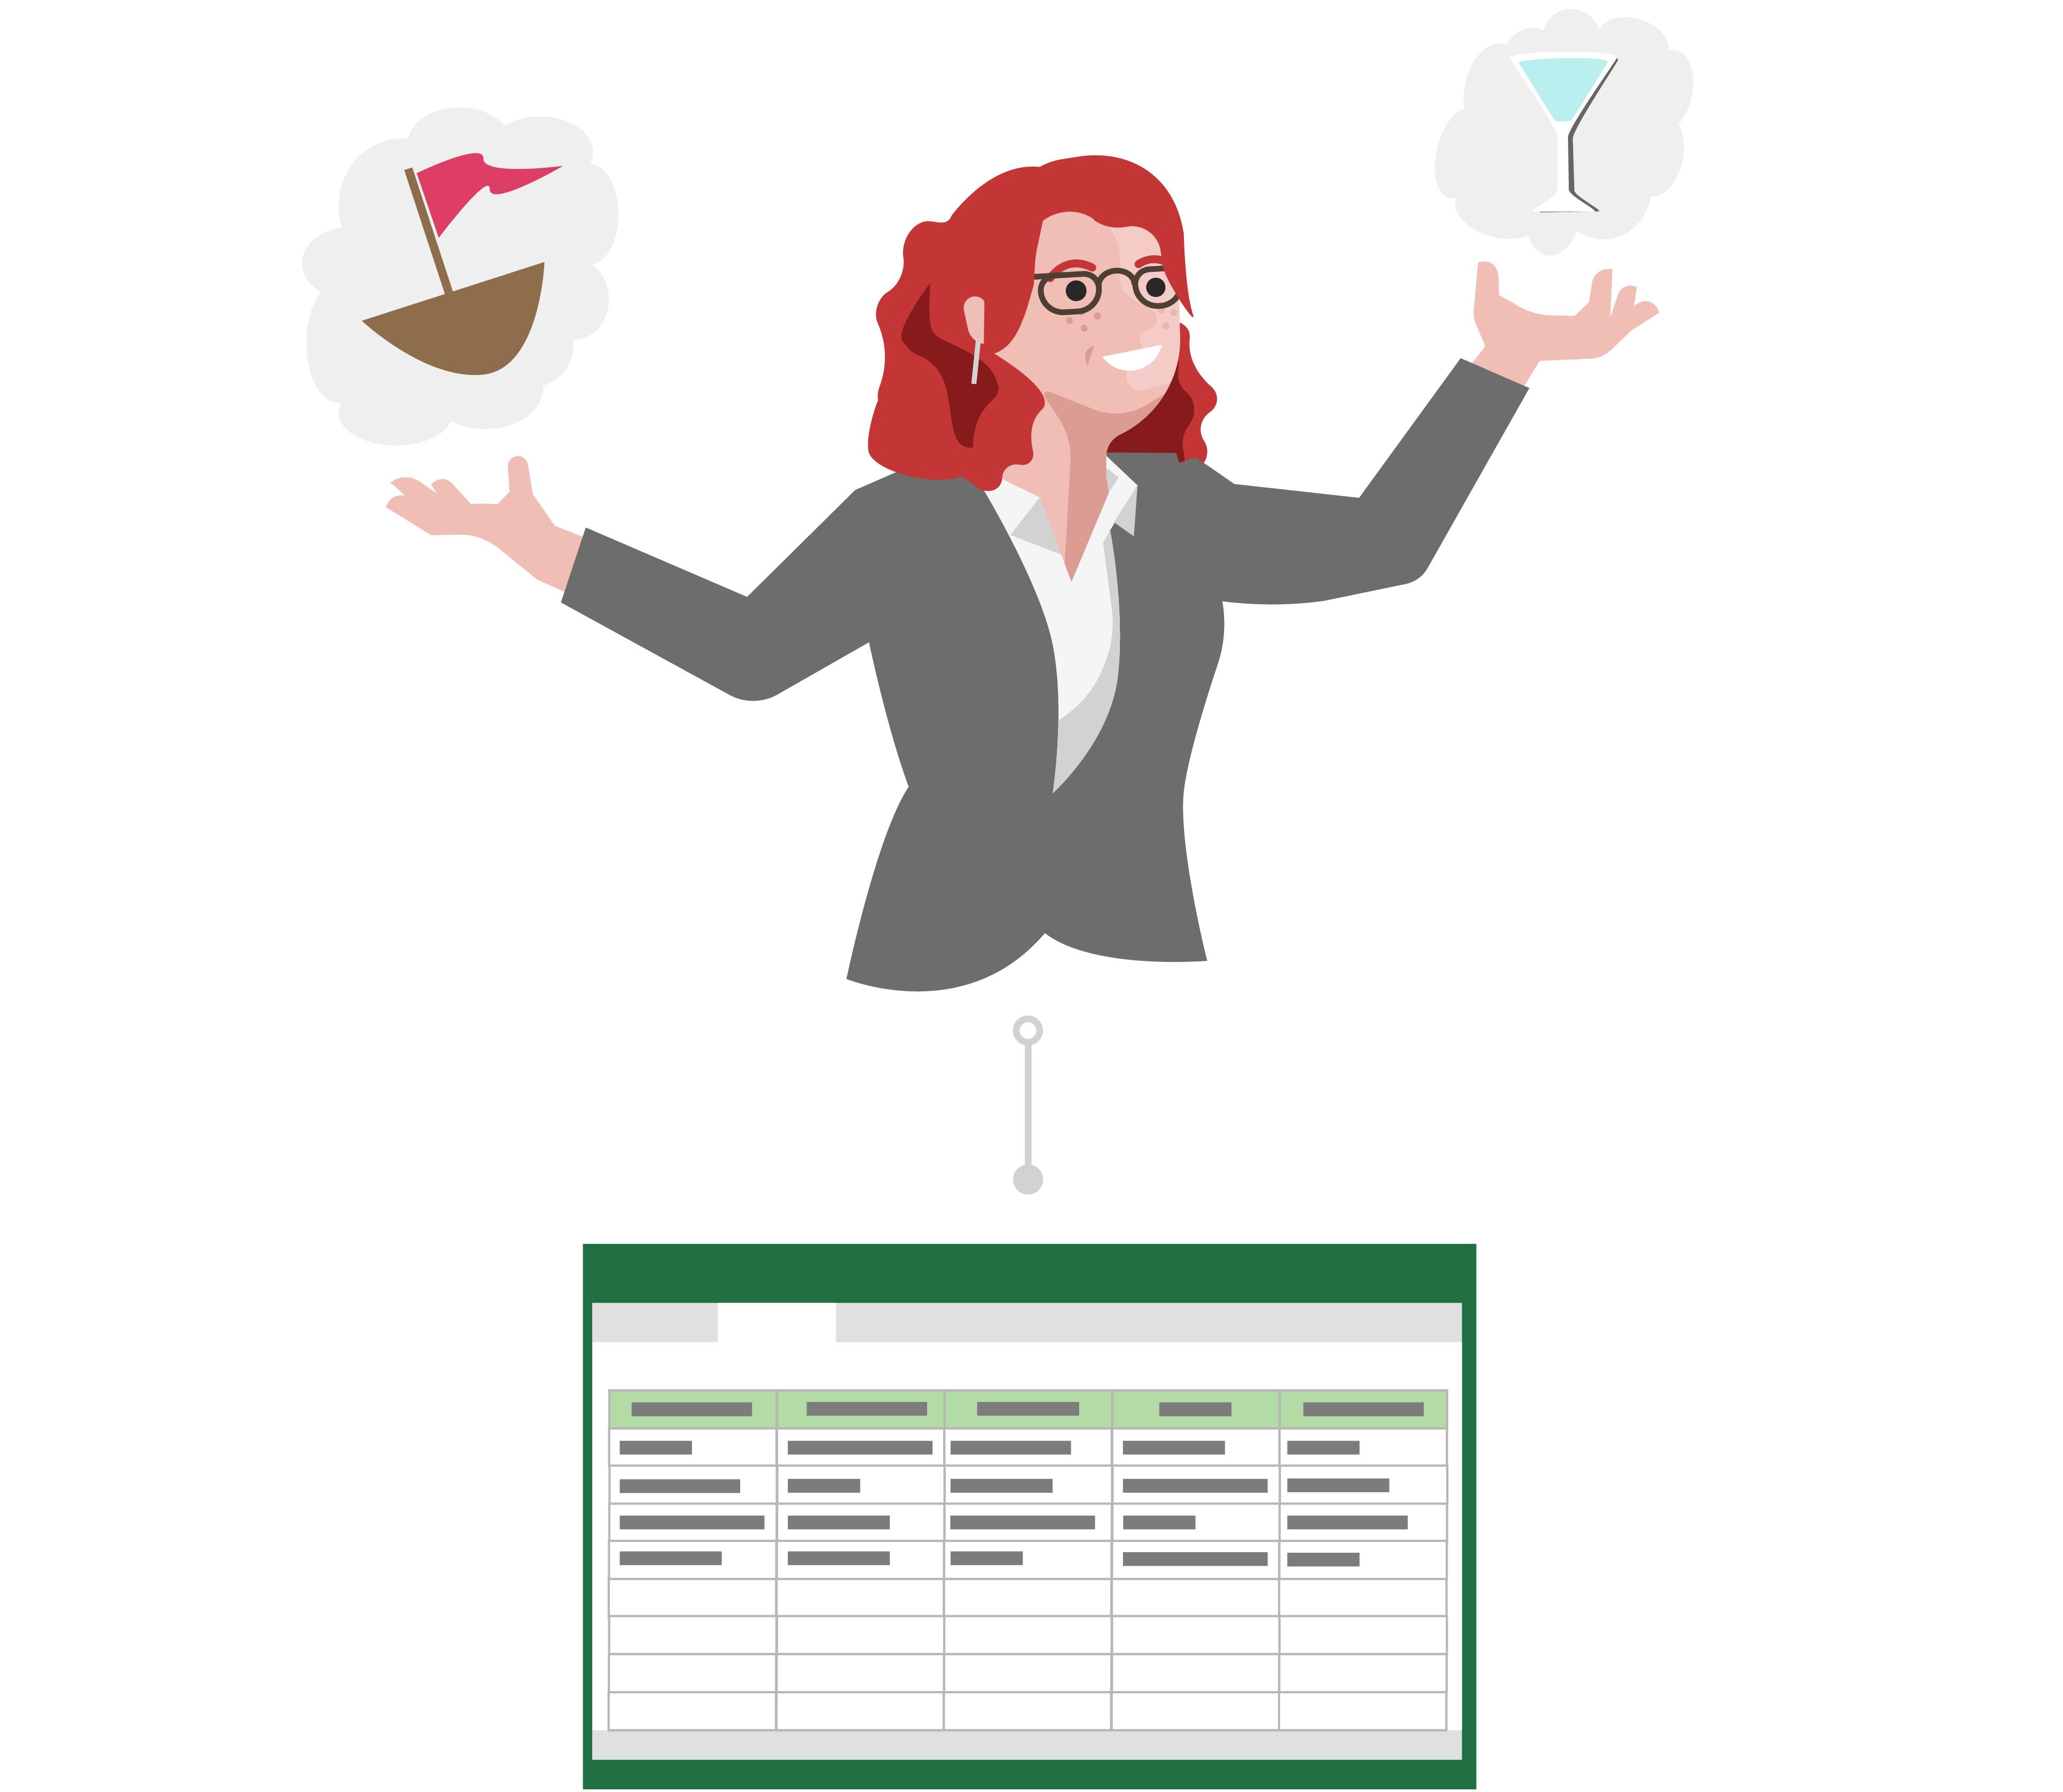 Lindi treba povratne informacije o njenim idejama, tako da kreira unakrsnu tabelu i čuva ih u oblaku.